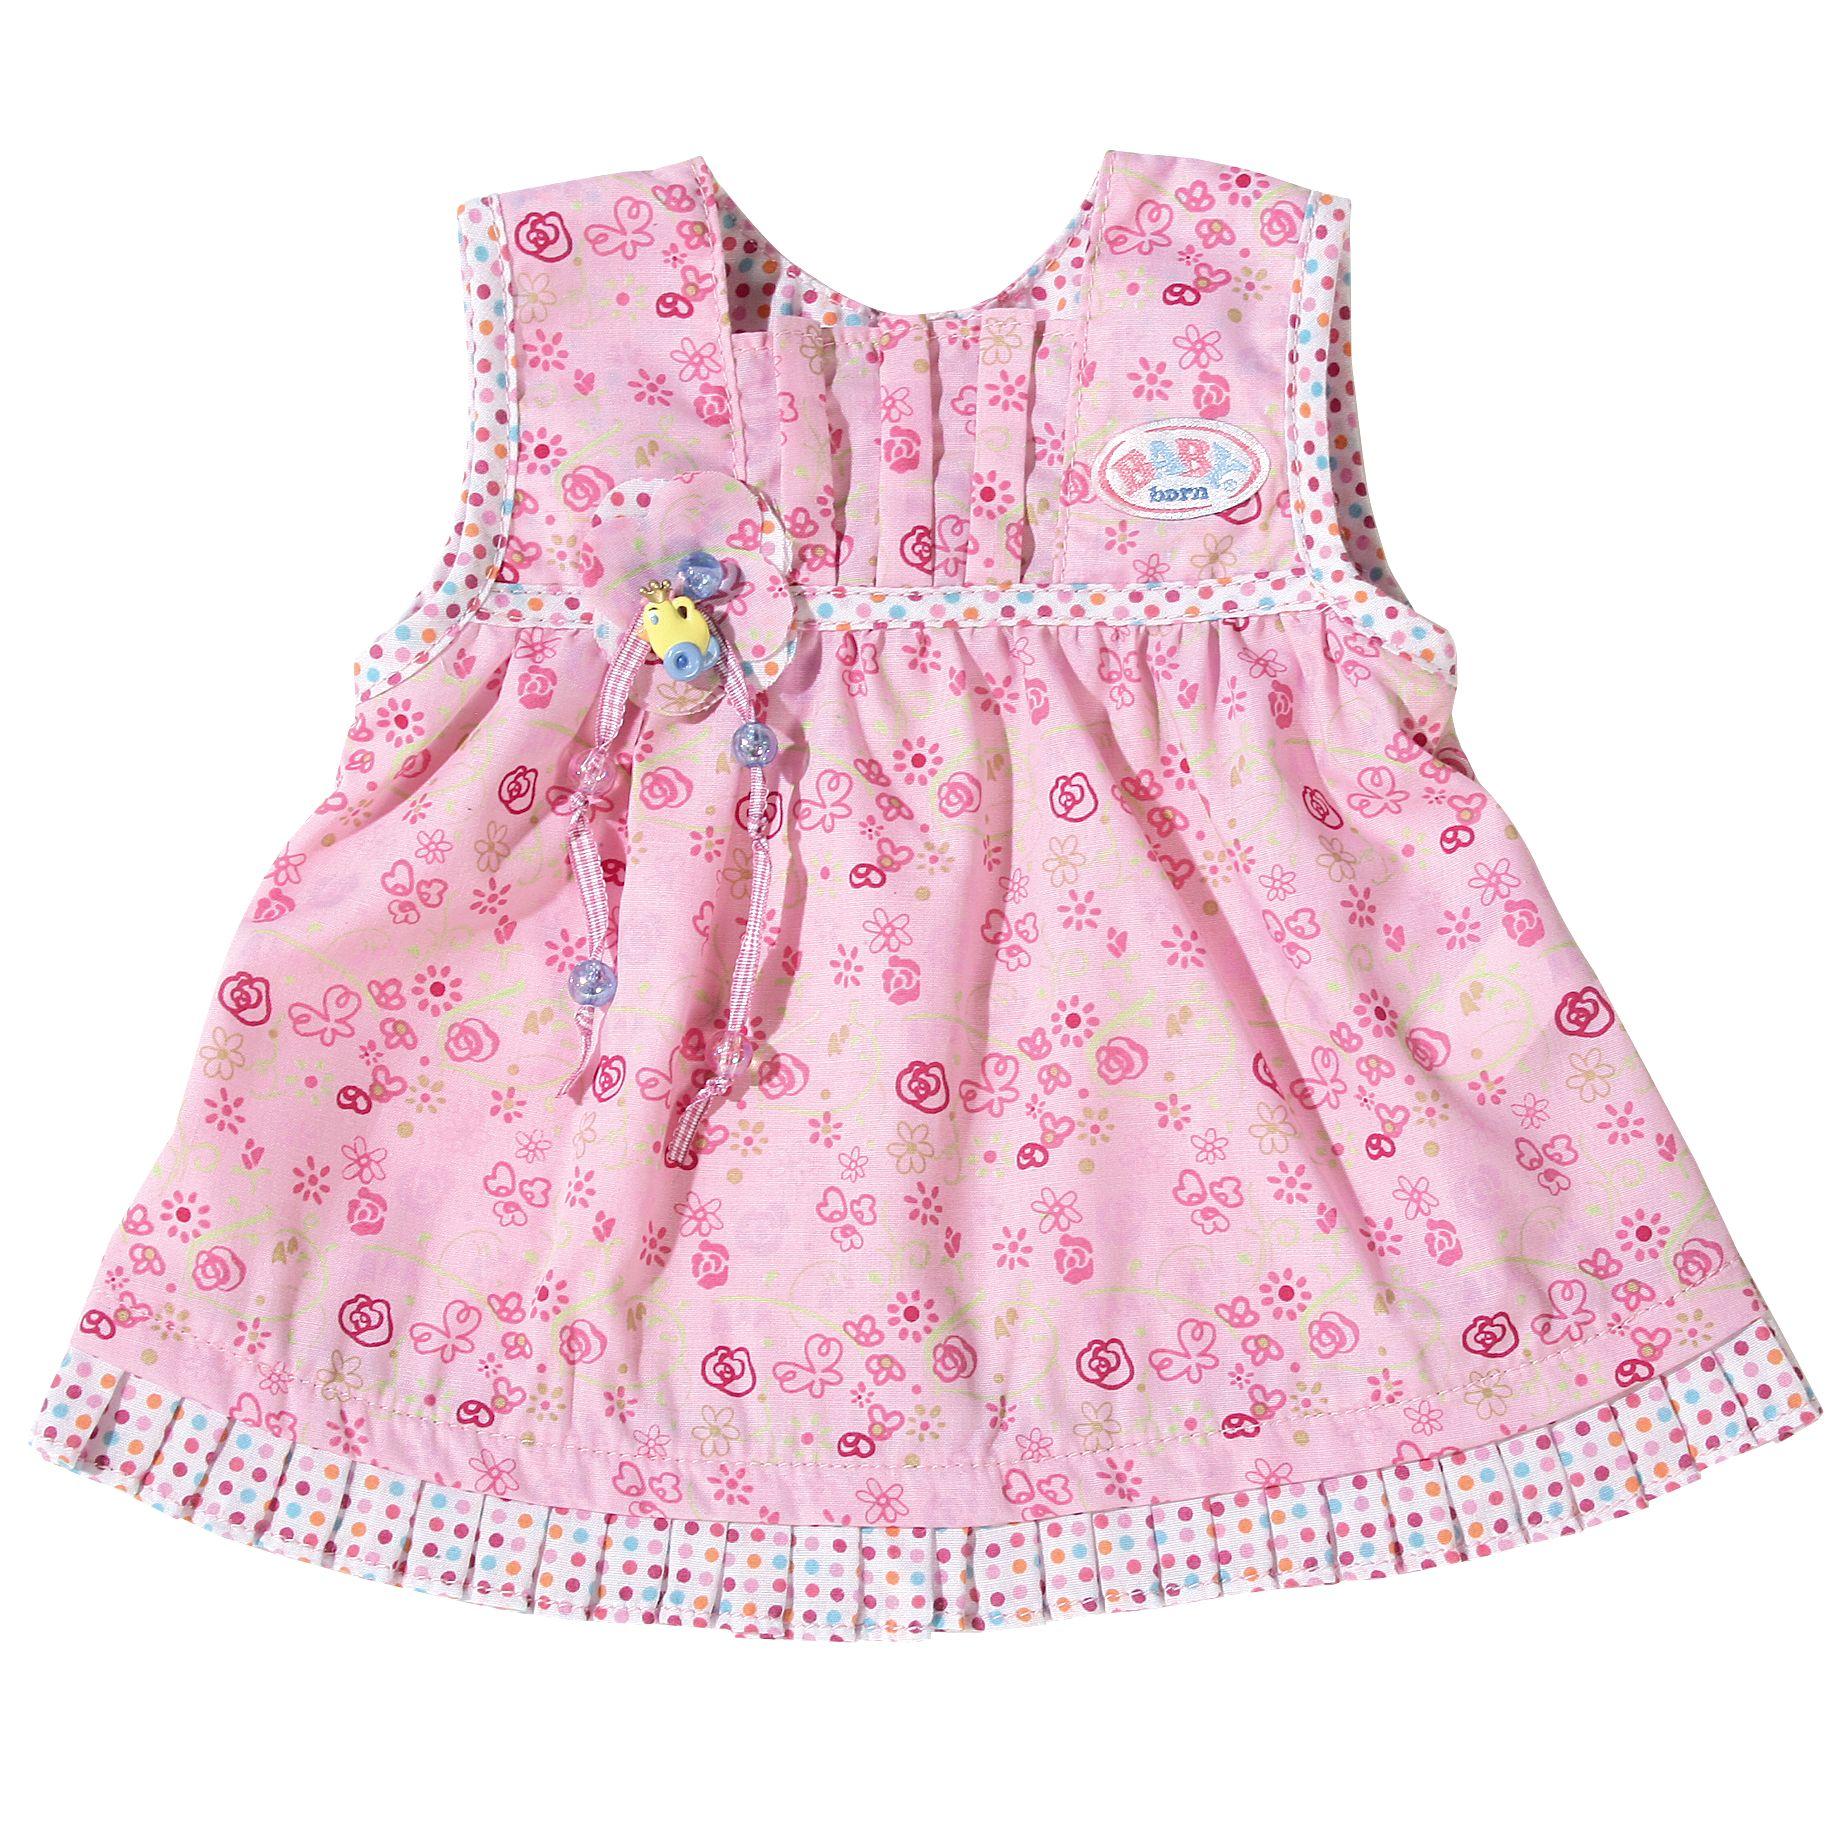 Как сделать платье для беби бона своими руками